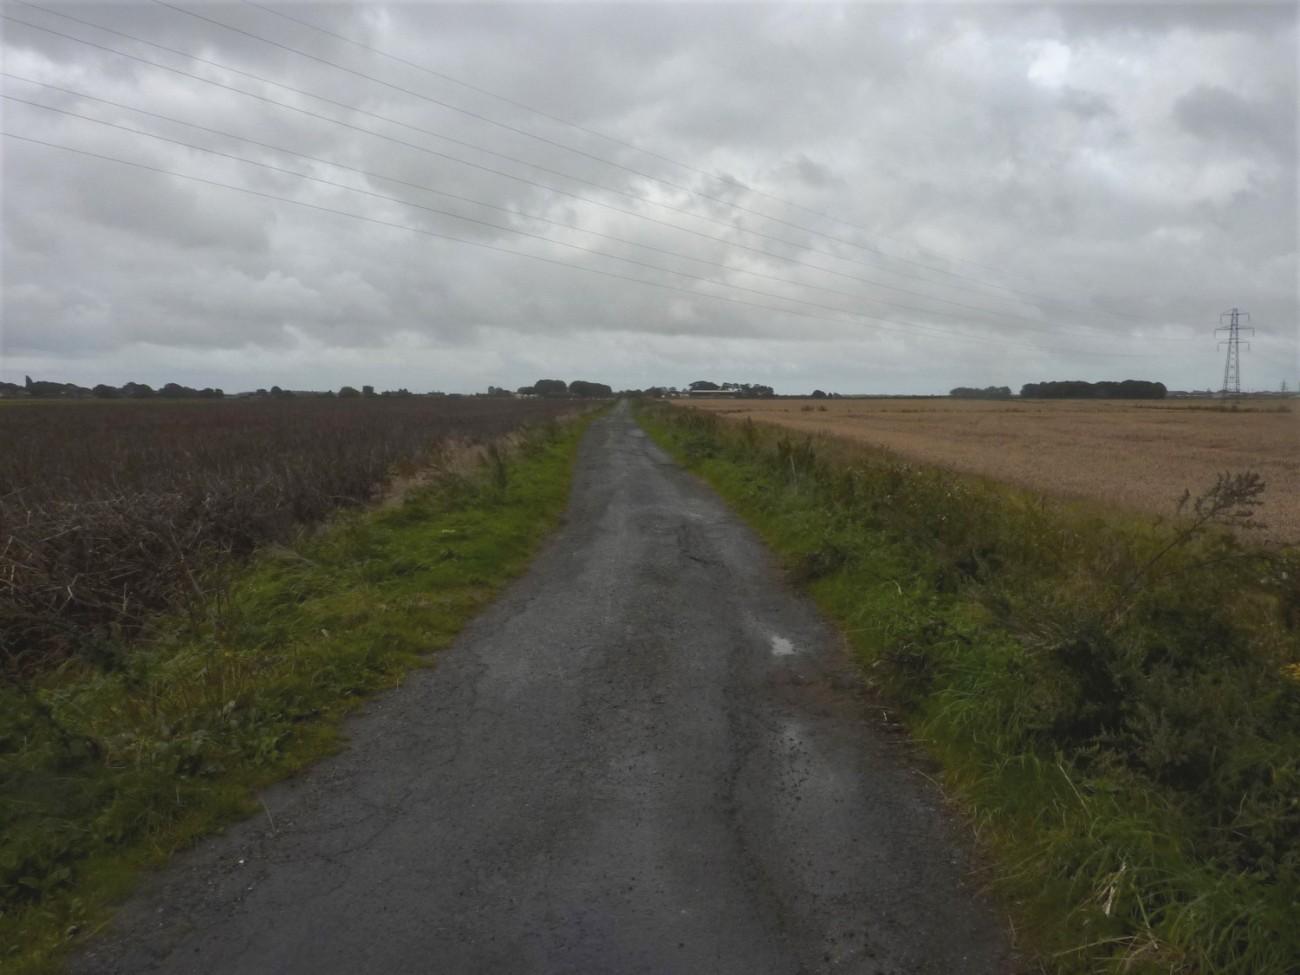 190906 Altcar Moss access